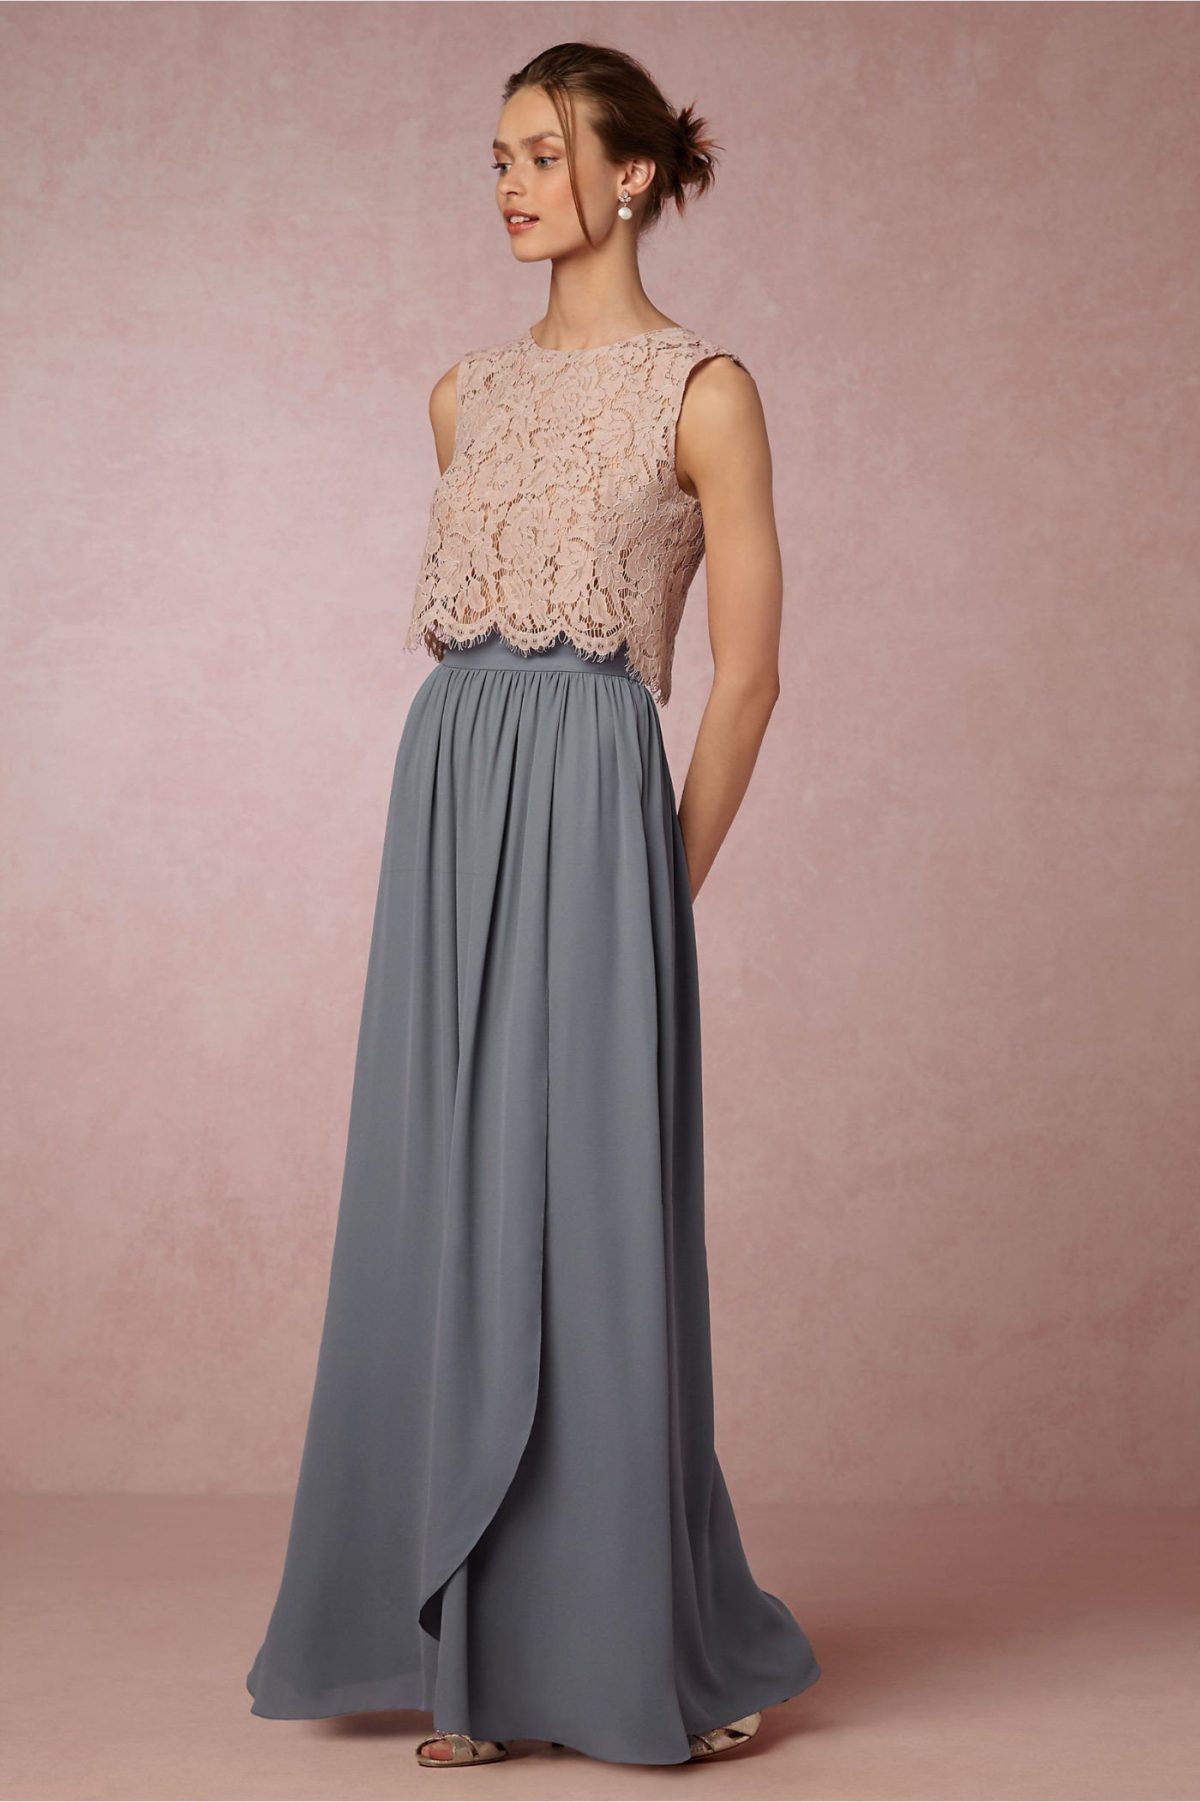 длинная серая юбка с чем носить